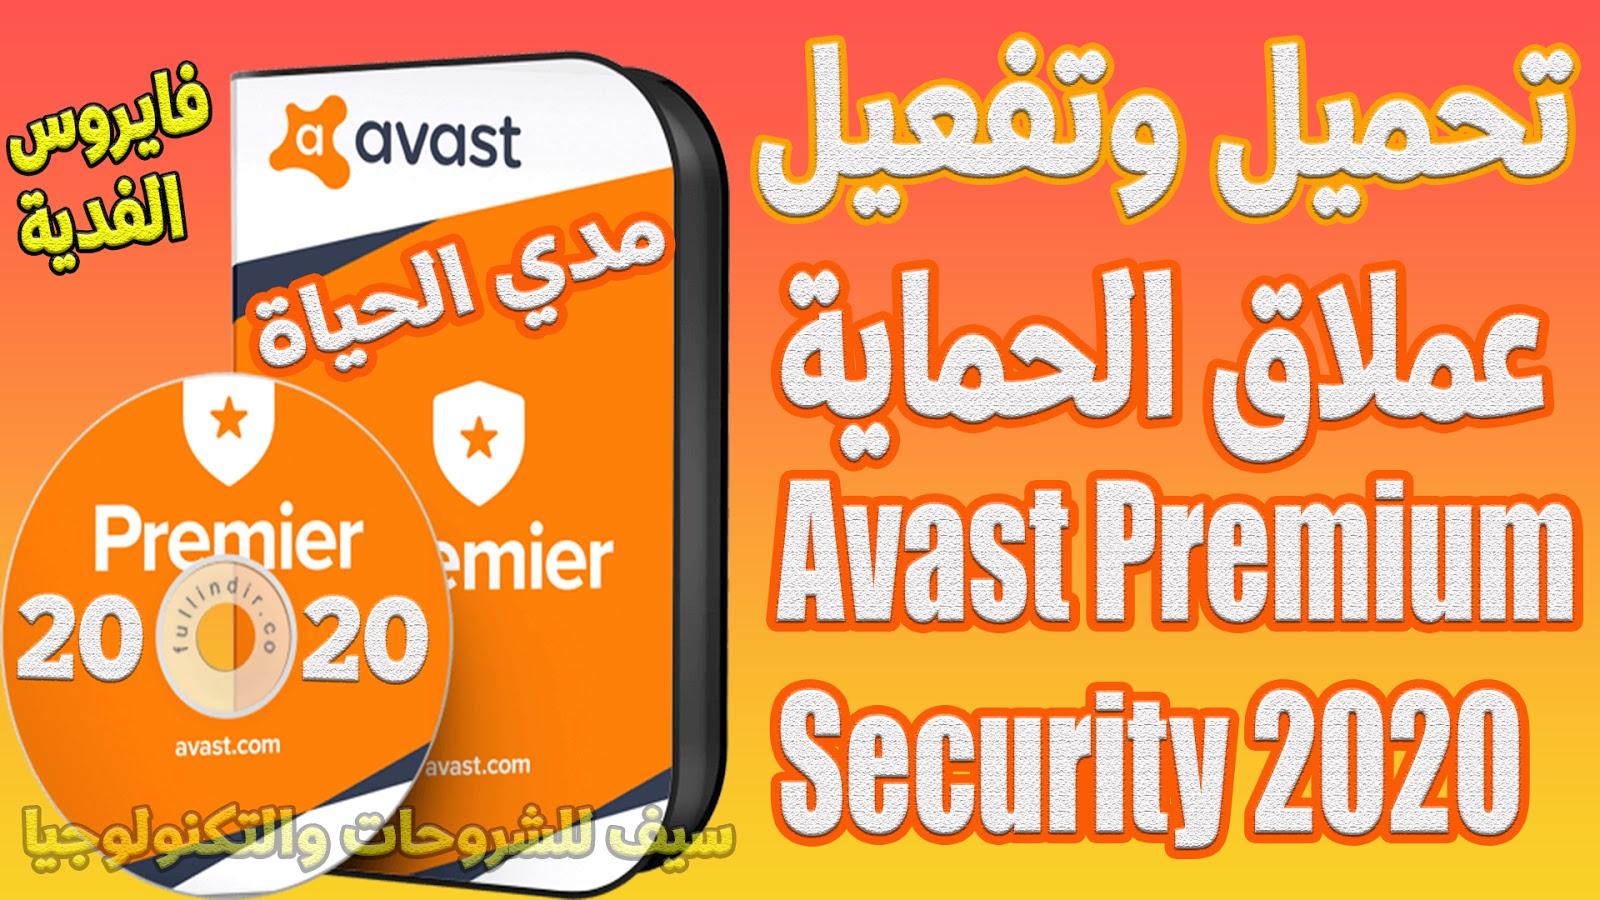 تحميل وتفعيل اقوي برنامج حماية في العالم - العملاق برنامج افاست 2020  للكمبيوترعربي والتفعيل مدى الحياة برابط مباشر